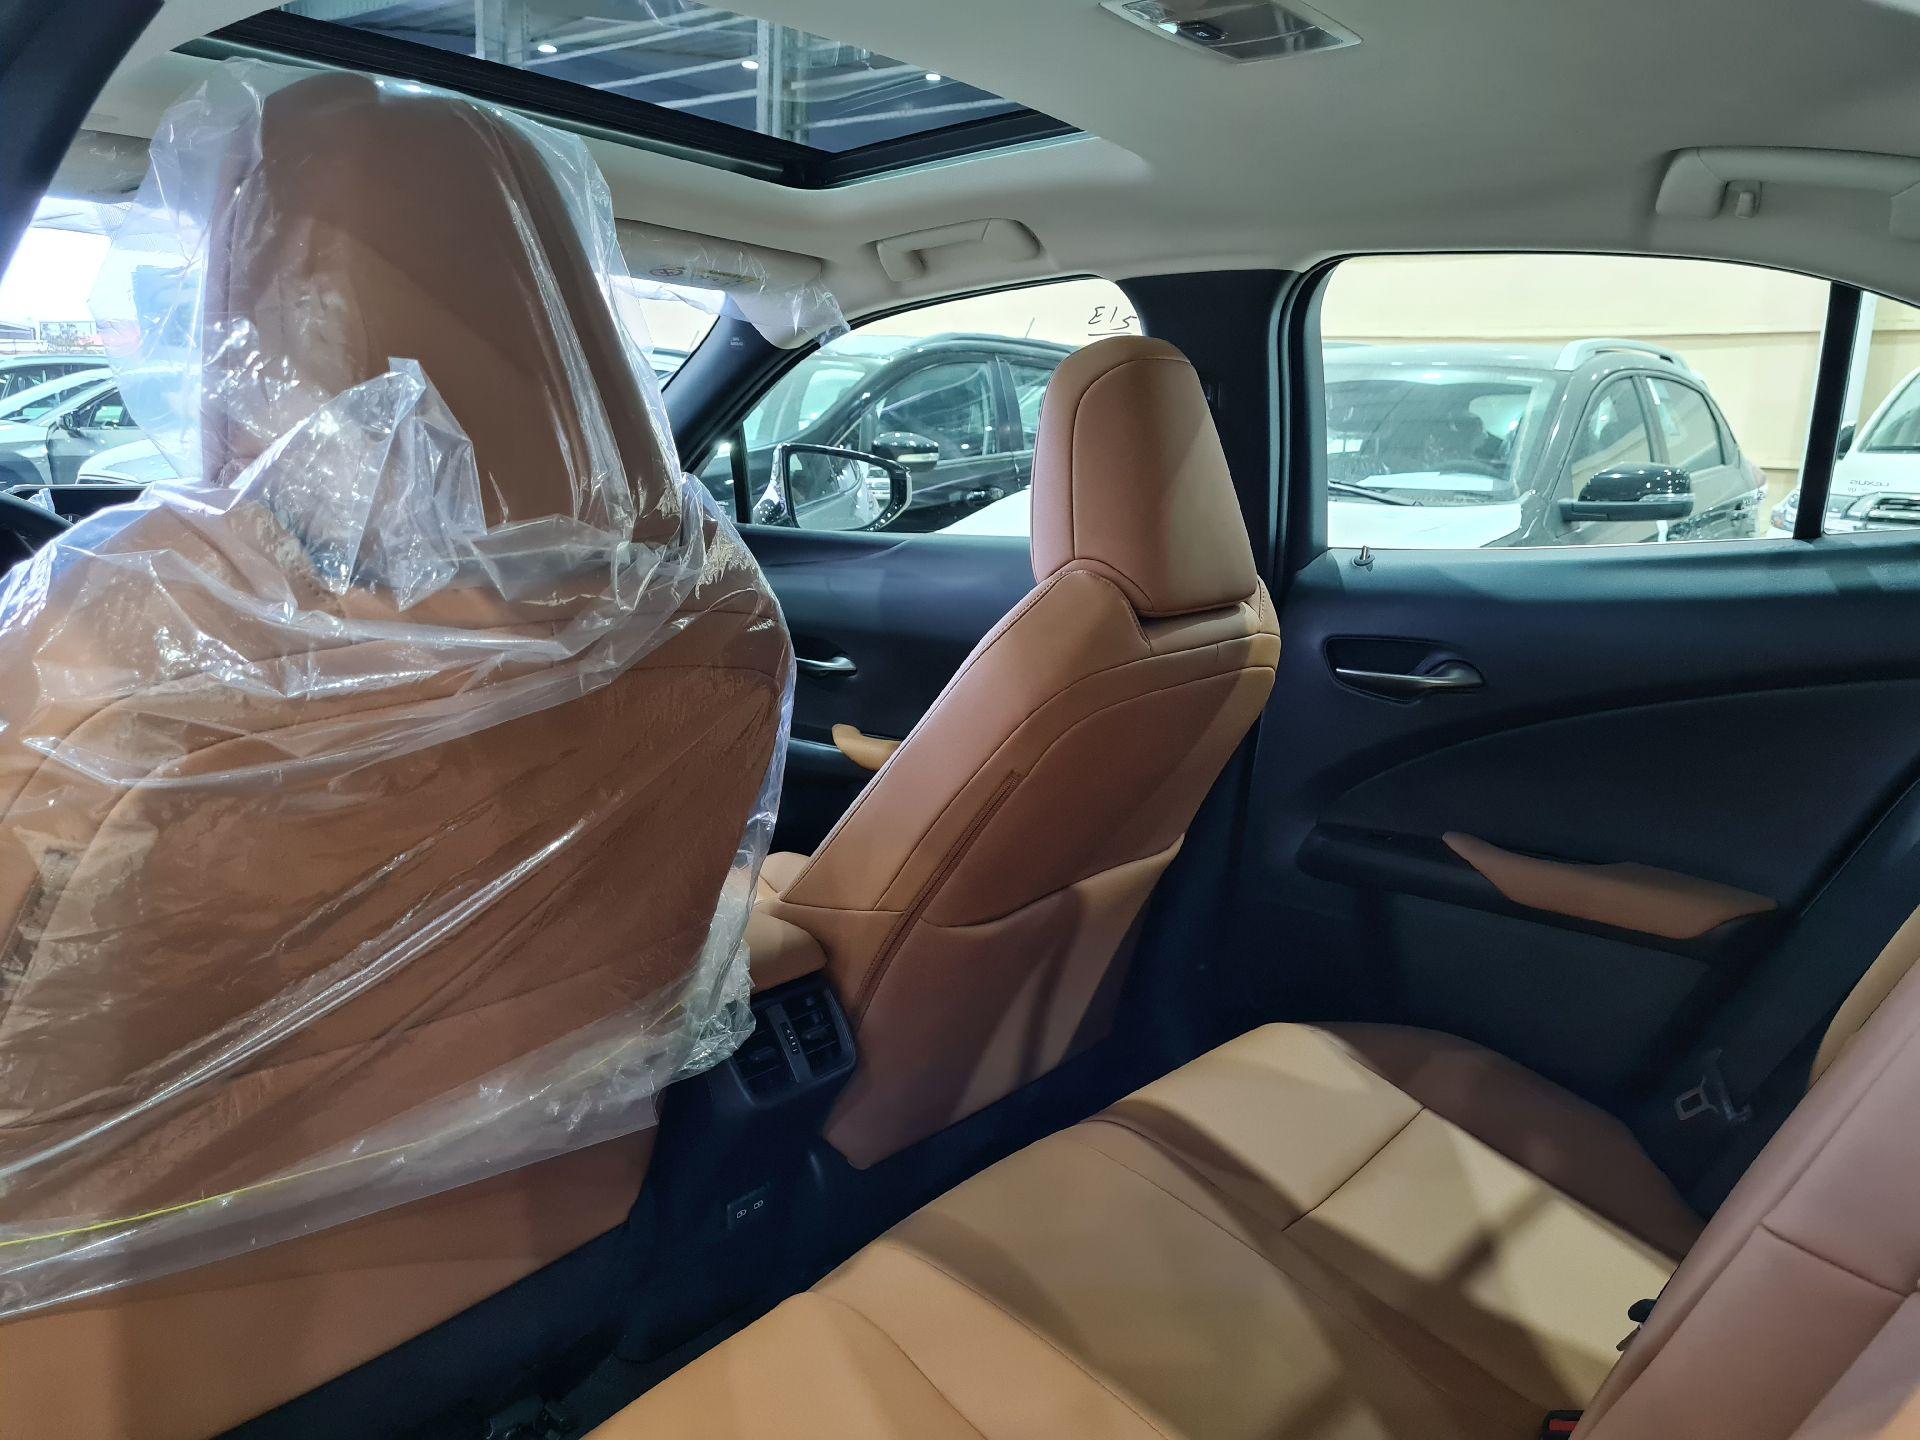 لكزس UX 200-AA Elegant ستاندر 2021 سعودي جديد للبيع في الرياض - السعودية - صورة كبيرة - 8